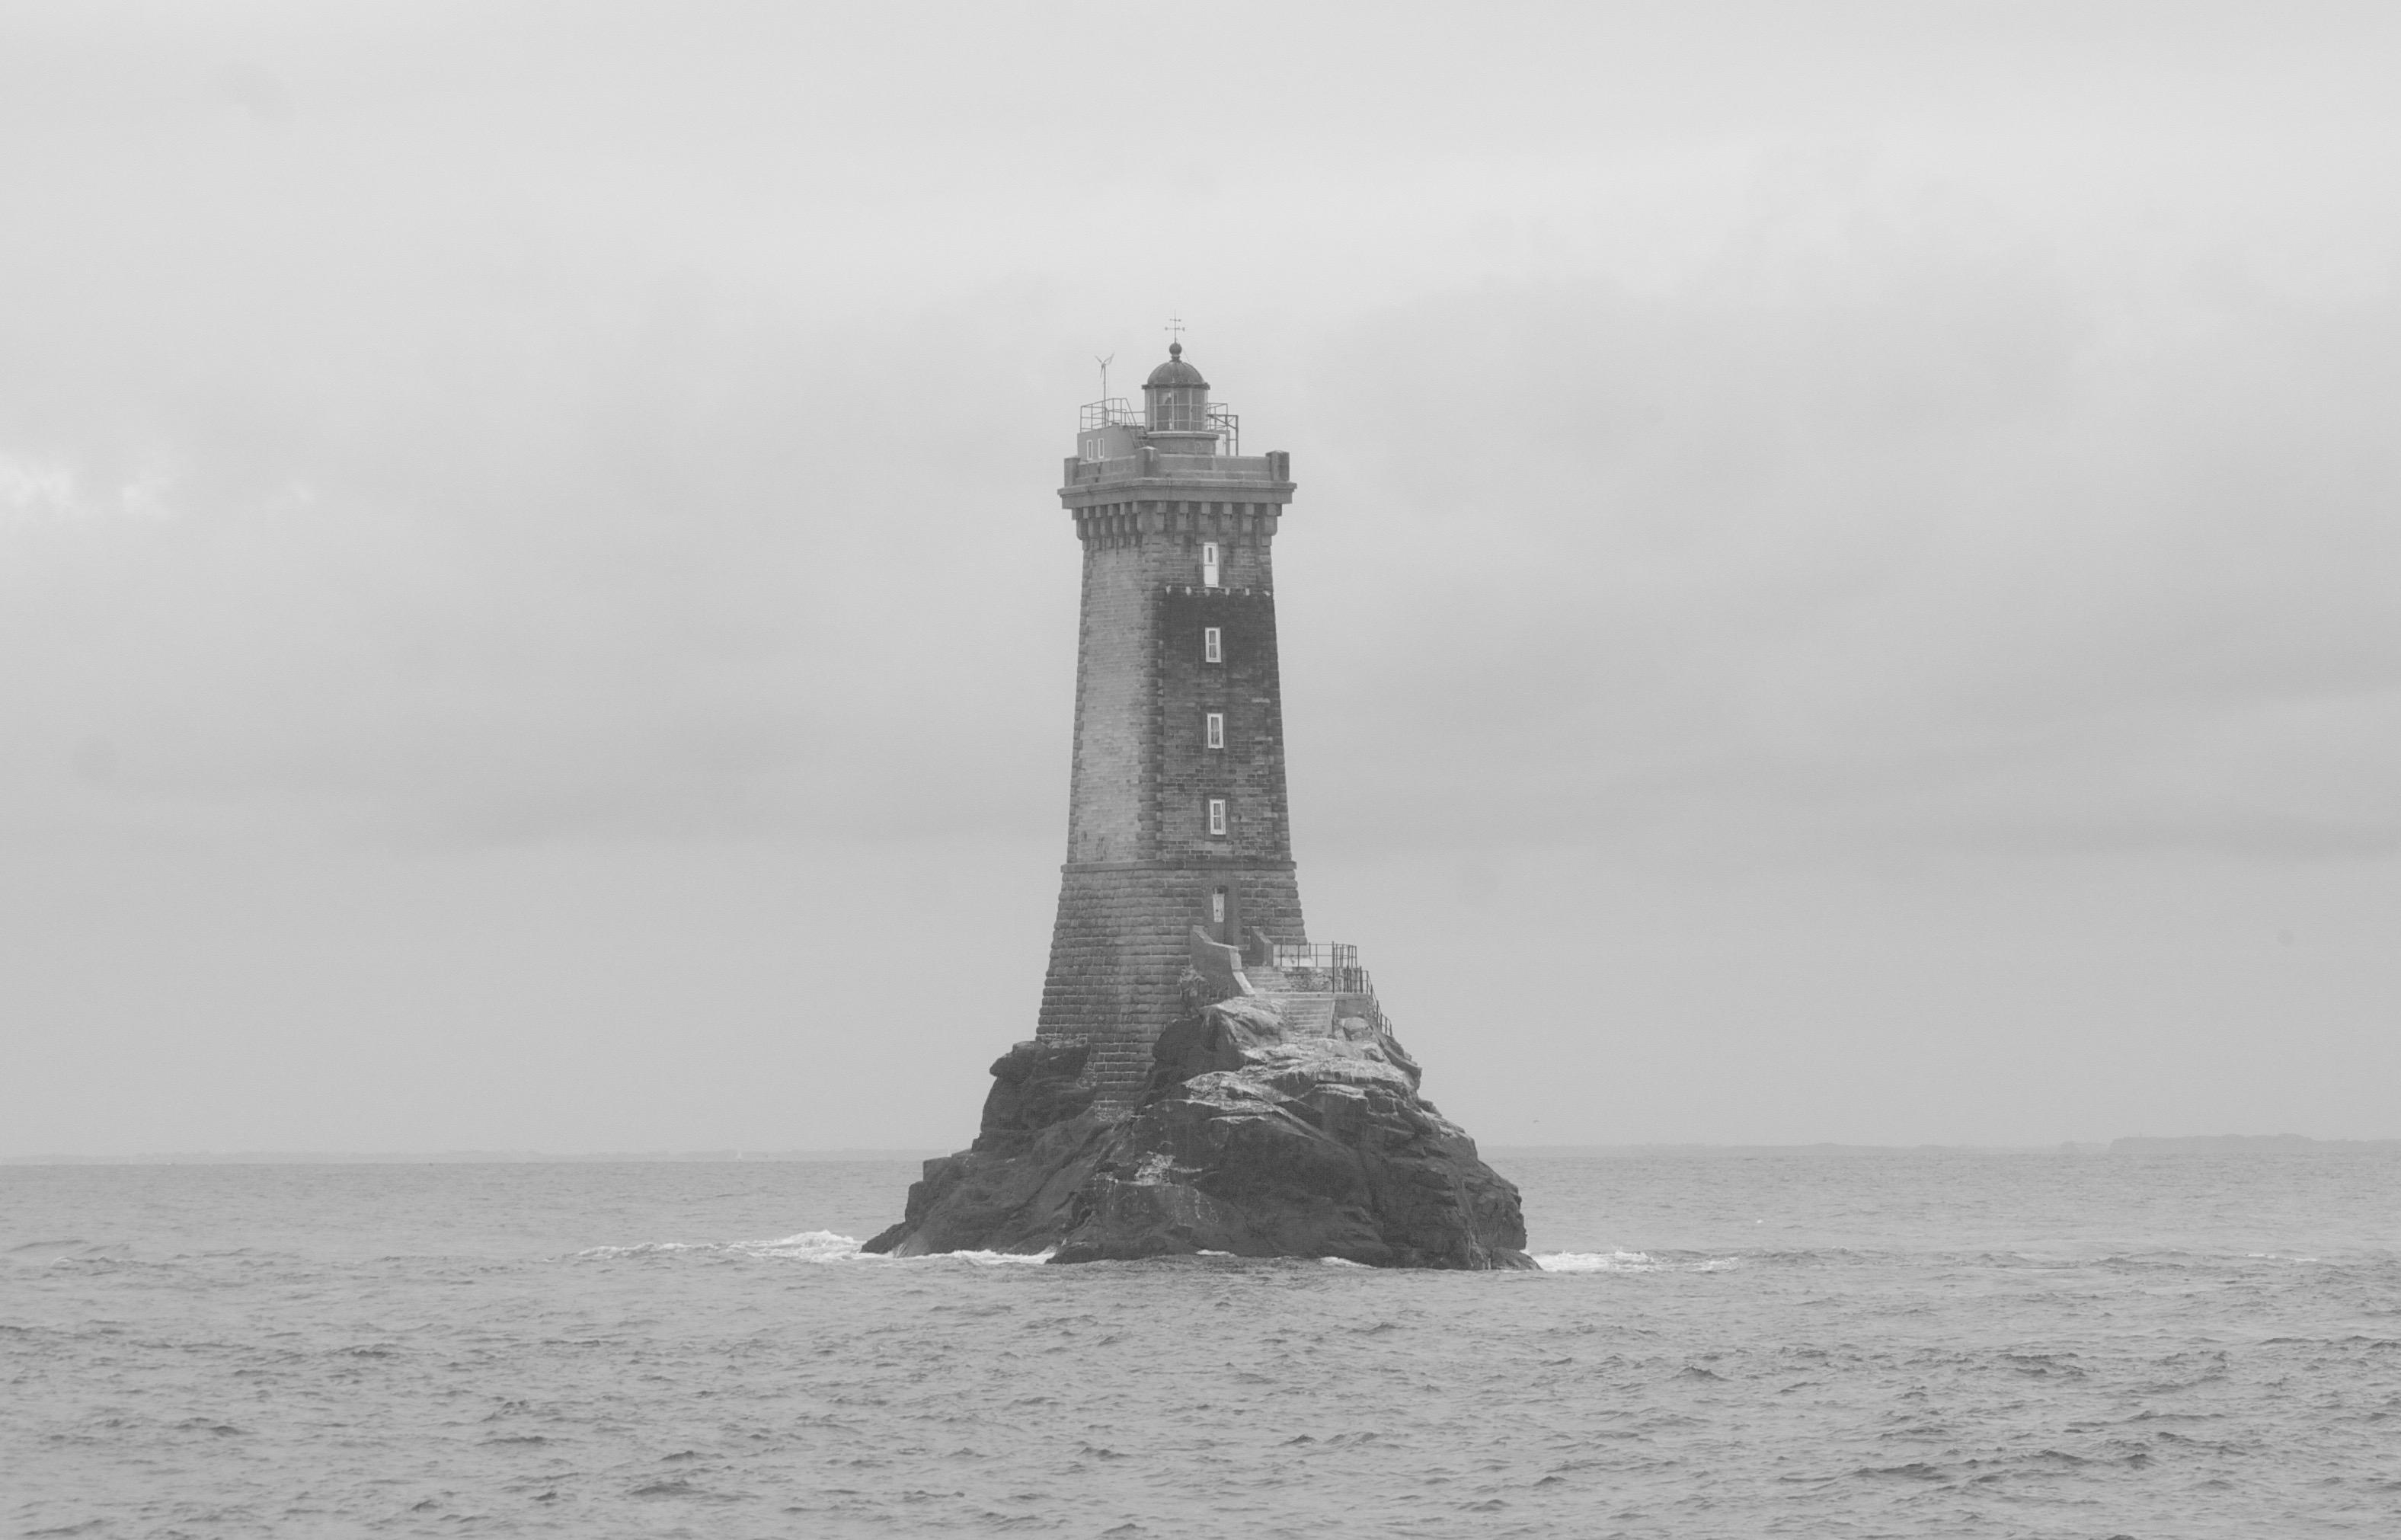 L'Océan, de l'objet au sujet - Réflexion sur la conférence intergouvernementale sur la biodiversité en haute mer - BBNJ